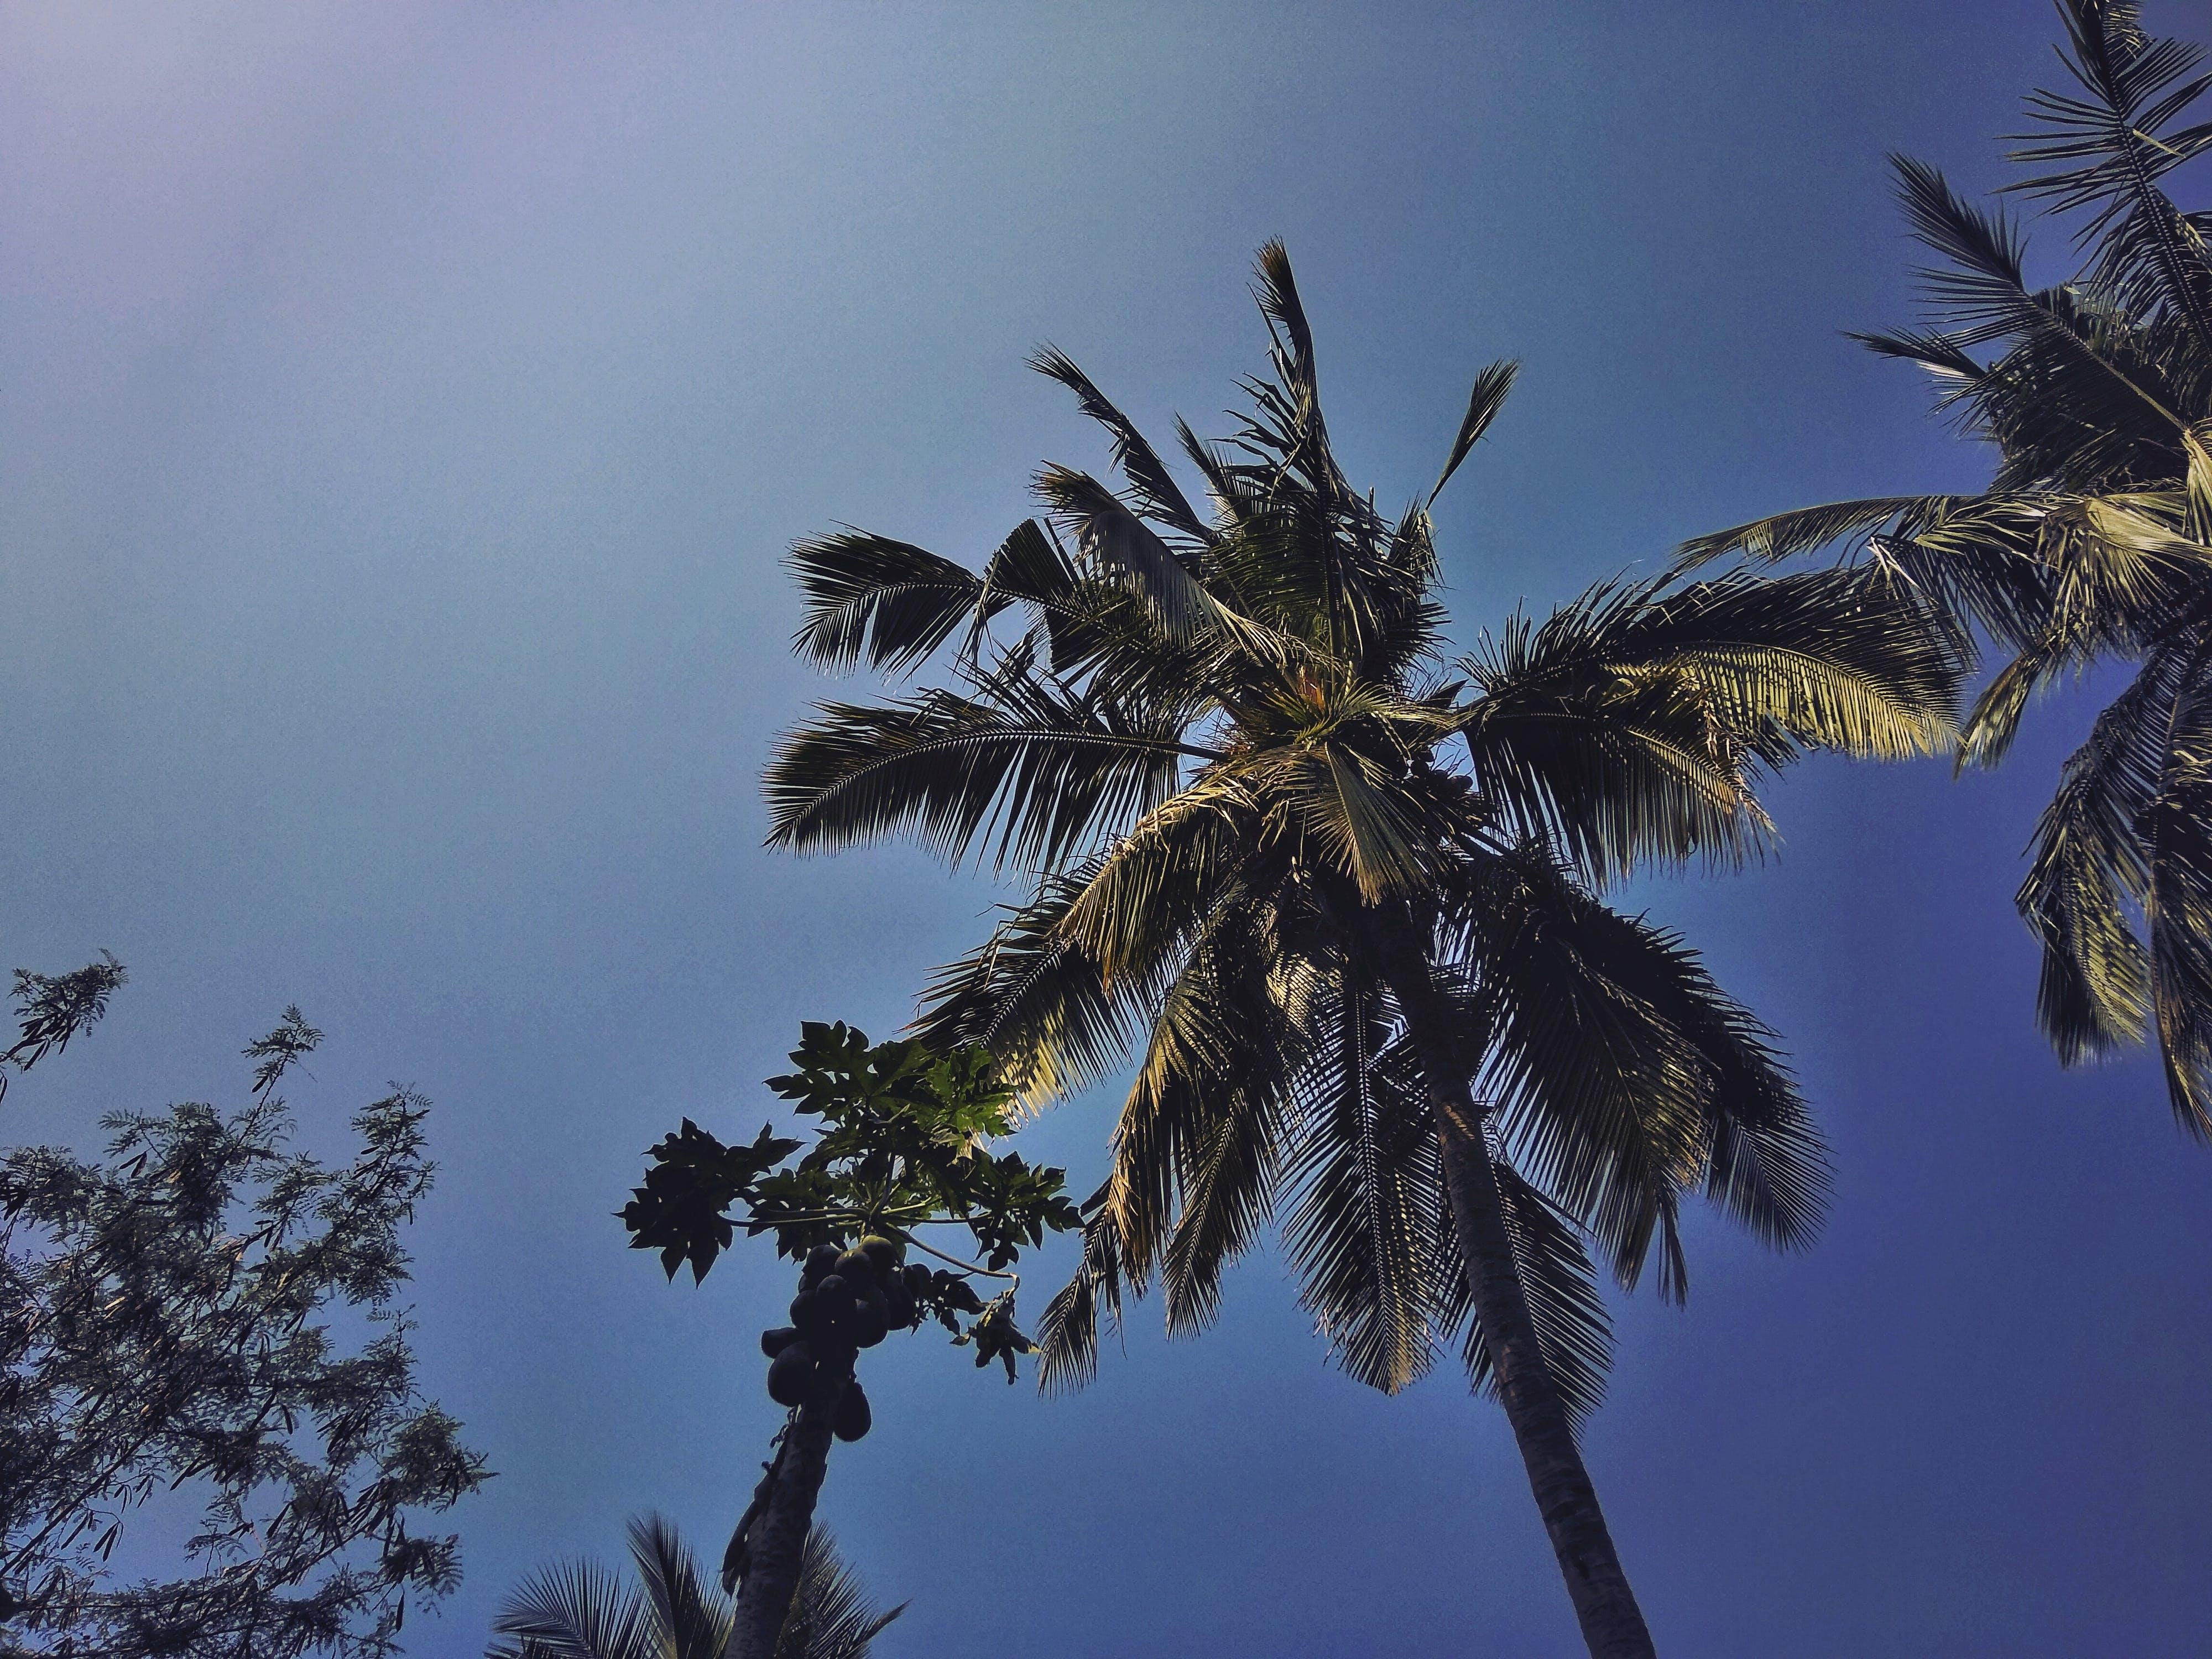 Green Coconut and Papaya Trees Under Blue Sky